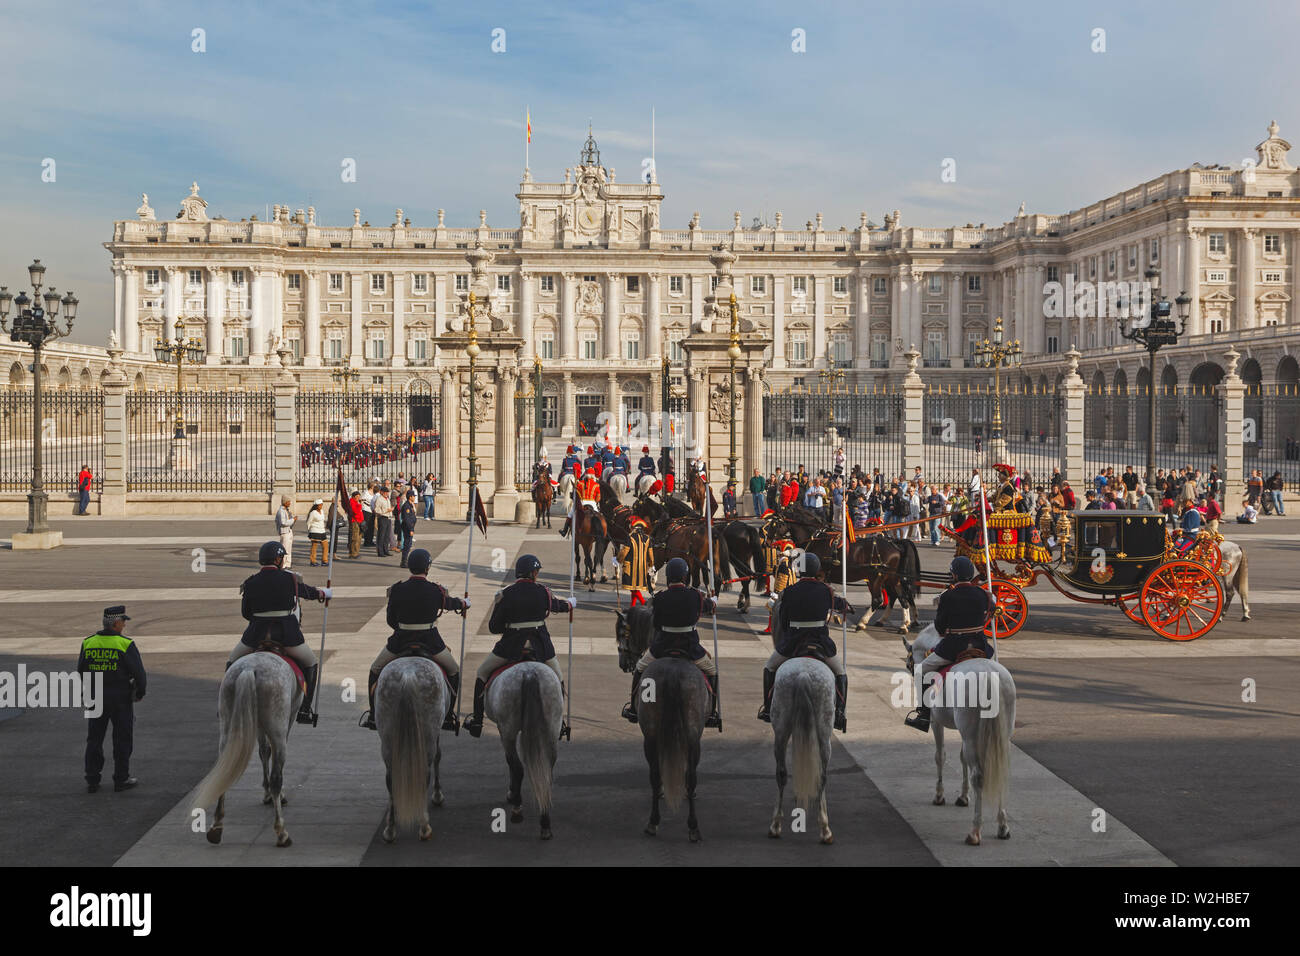 Madrid, España. Entrenador llevando un embajador de España en el Palacio Real para la ceremonia de presentación de cartas credenciales. Imagen De Stock